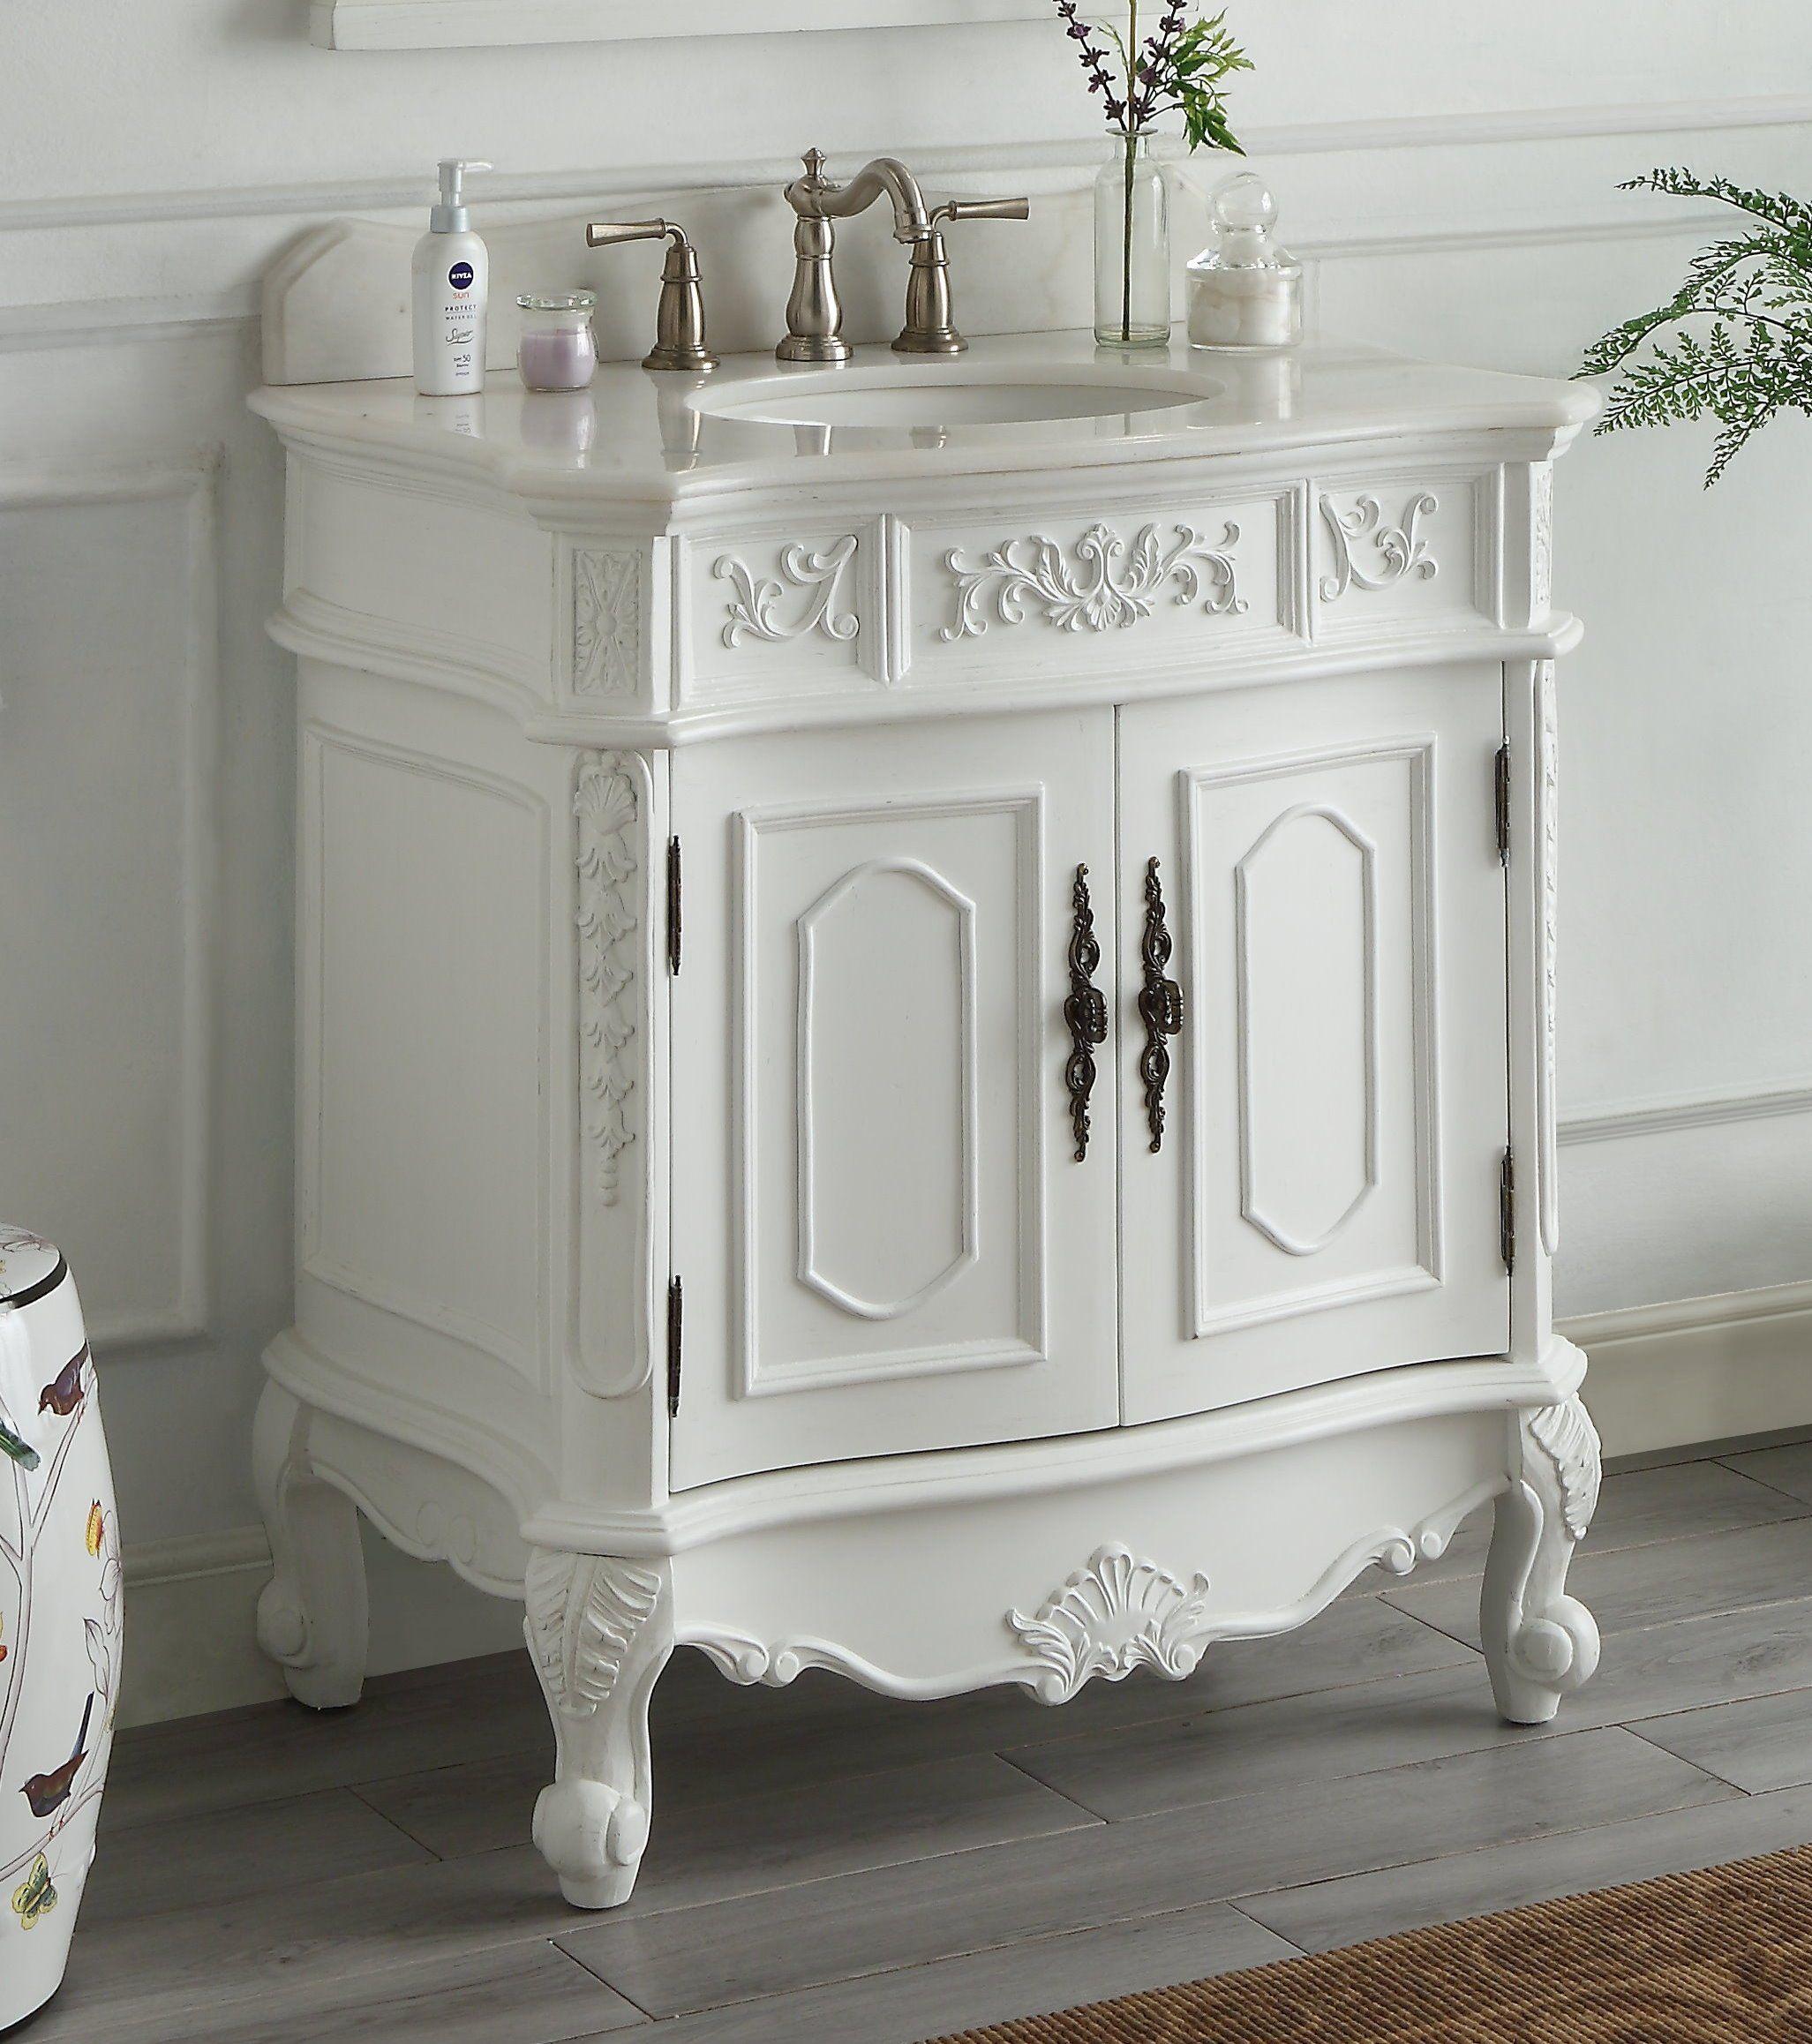 48 Inch Bath Vanity, Adelina 64 Inch Antique White Double Bathroom Vanity Vozeli Com